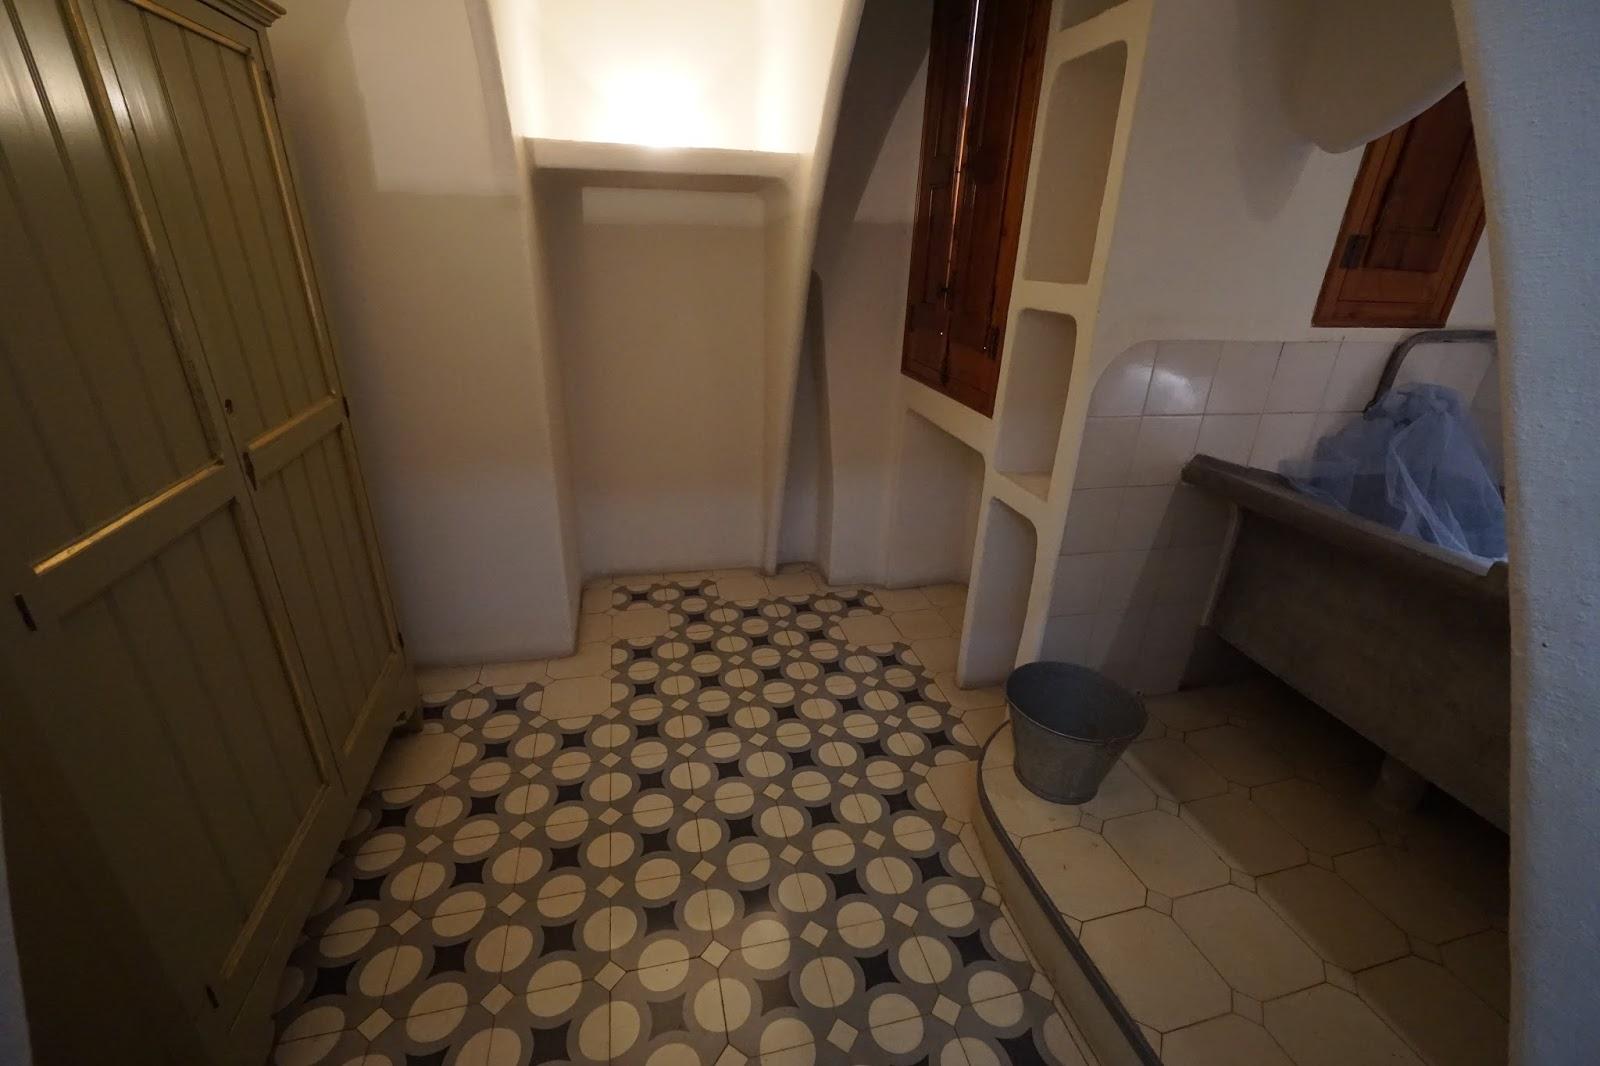 カサ・バトリョ(Casa Batlló) 洗濯室